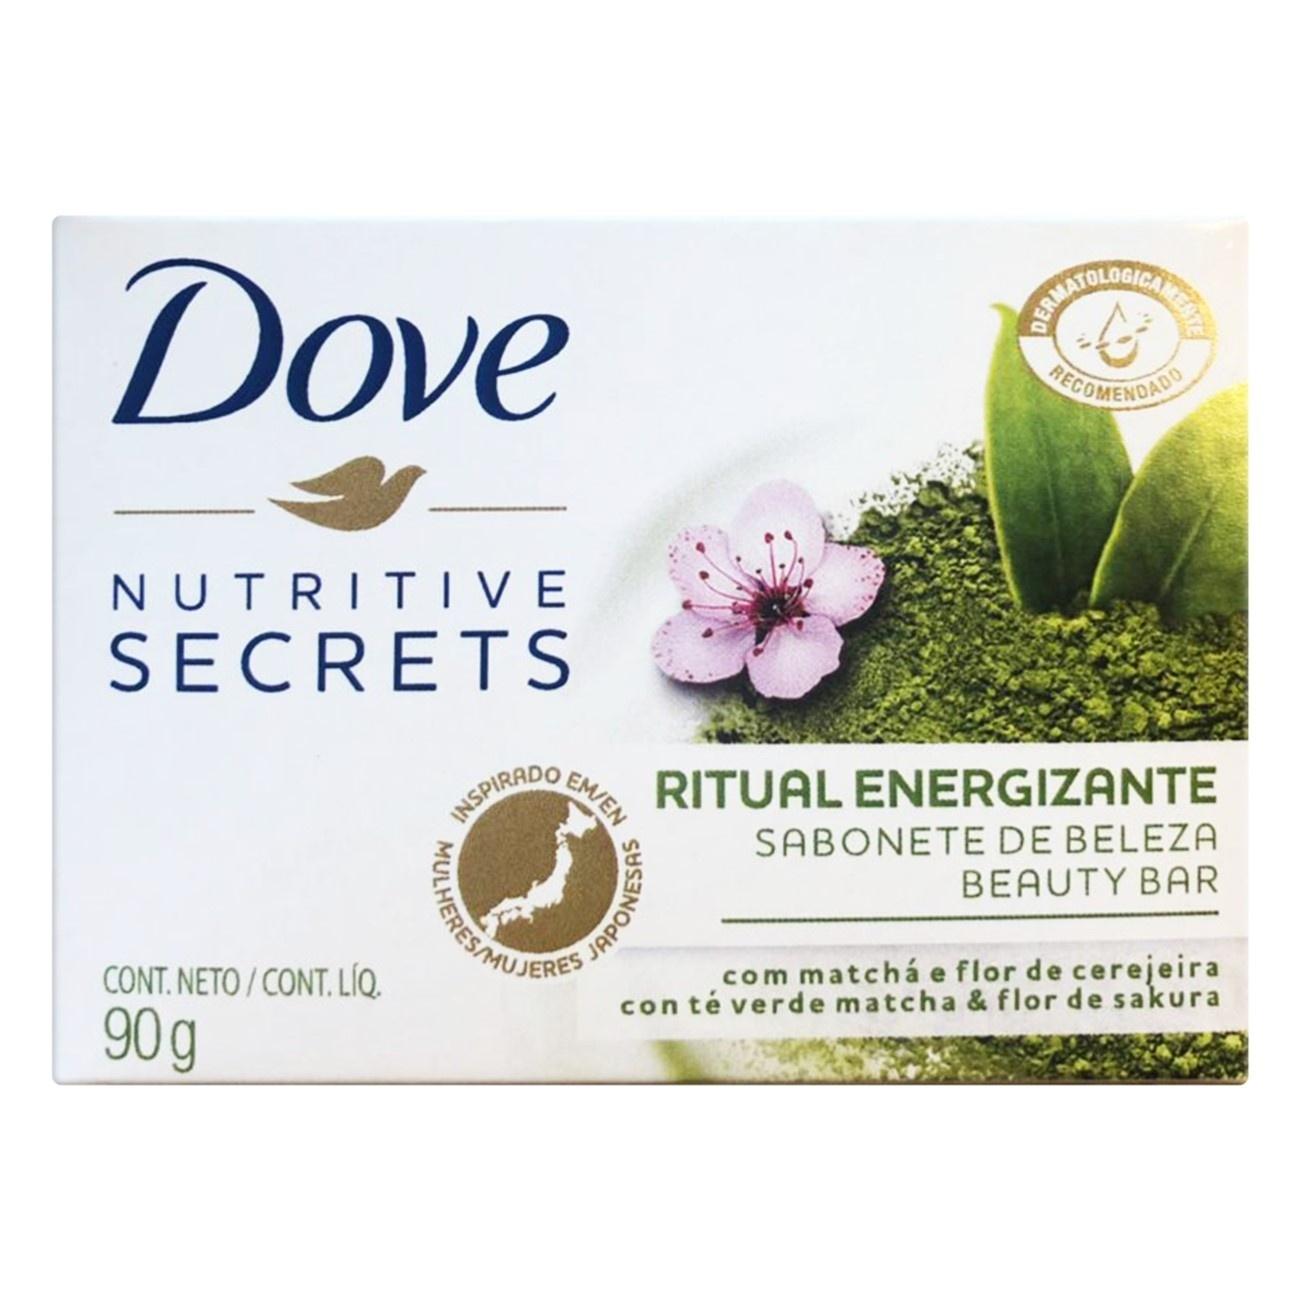 Sabonete em Barra Dove Ritual Energizante Matchá e Flor de Cerejeira Nutritive Secrets 90g